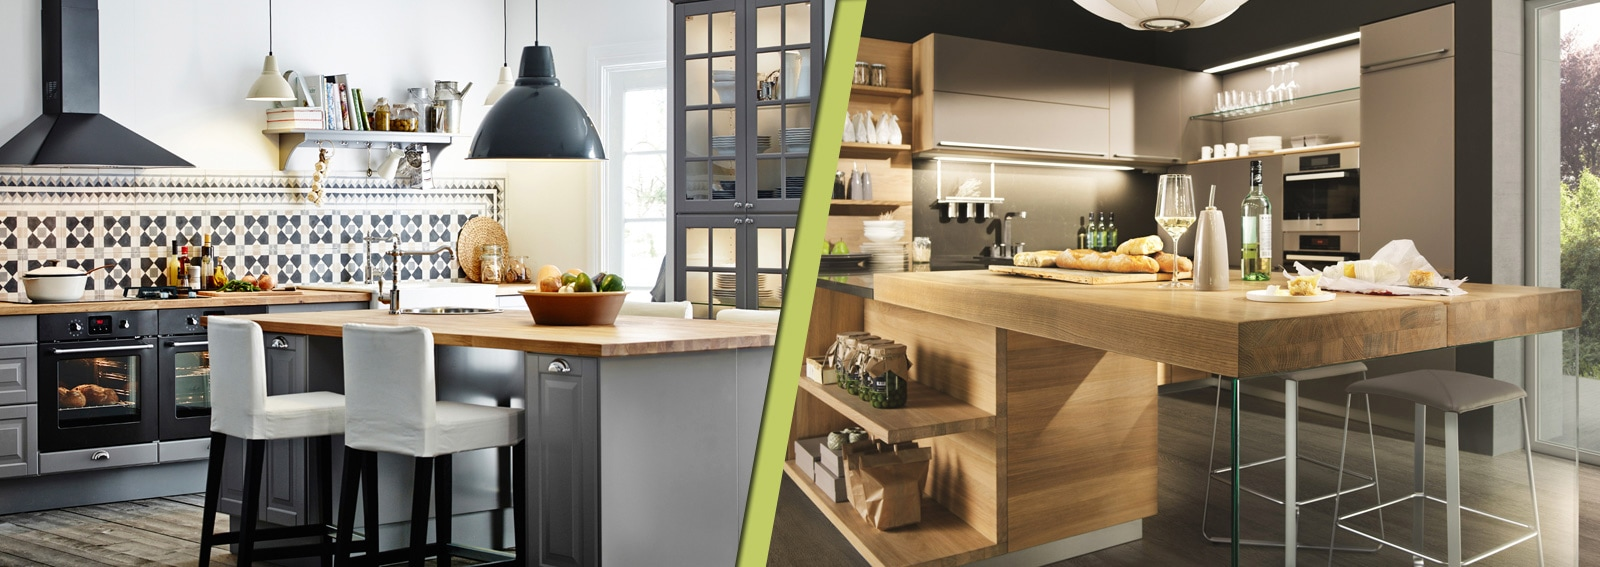 Cucine con piano di lavoro in legno: i modelli più belli - Grazia.it